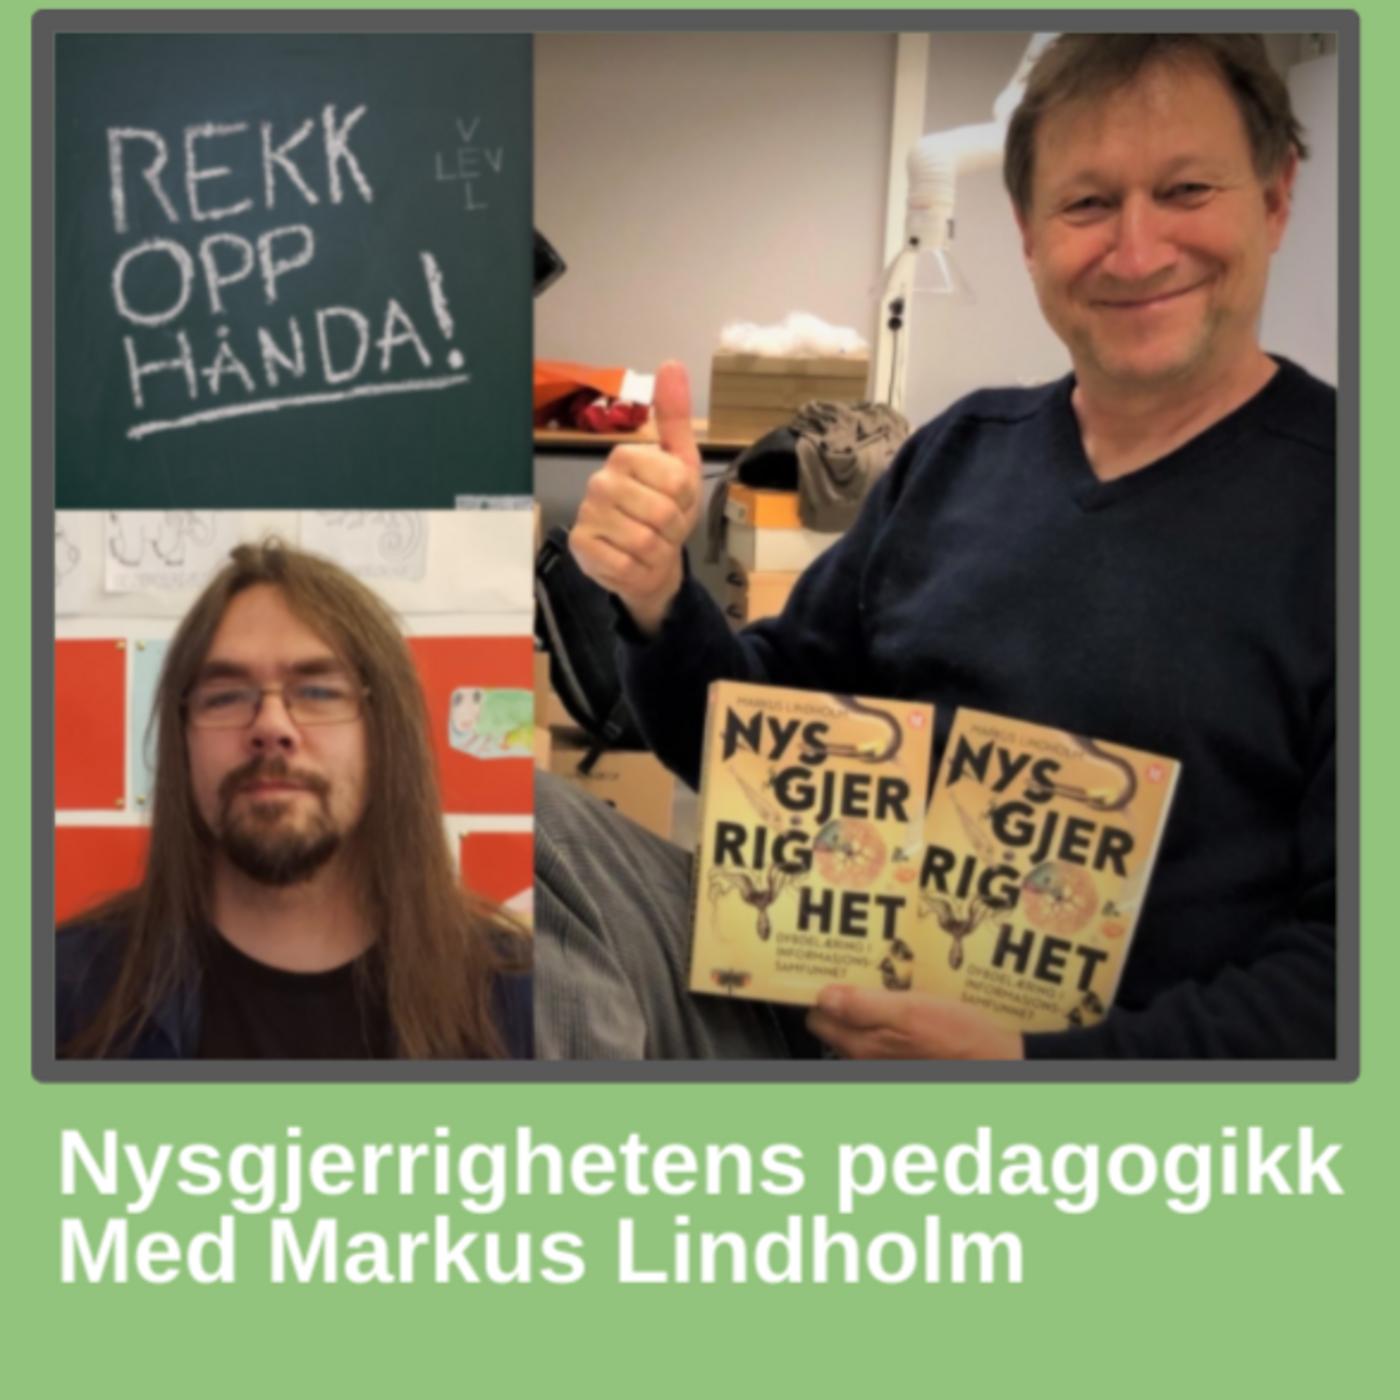 Nysgjerrighetens pedagogikk med Markus Lindholm